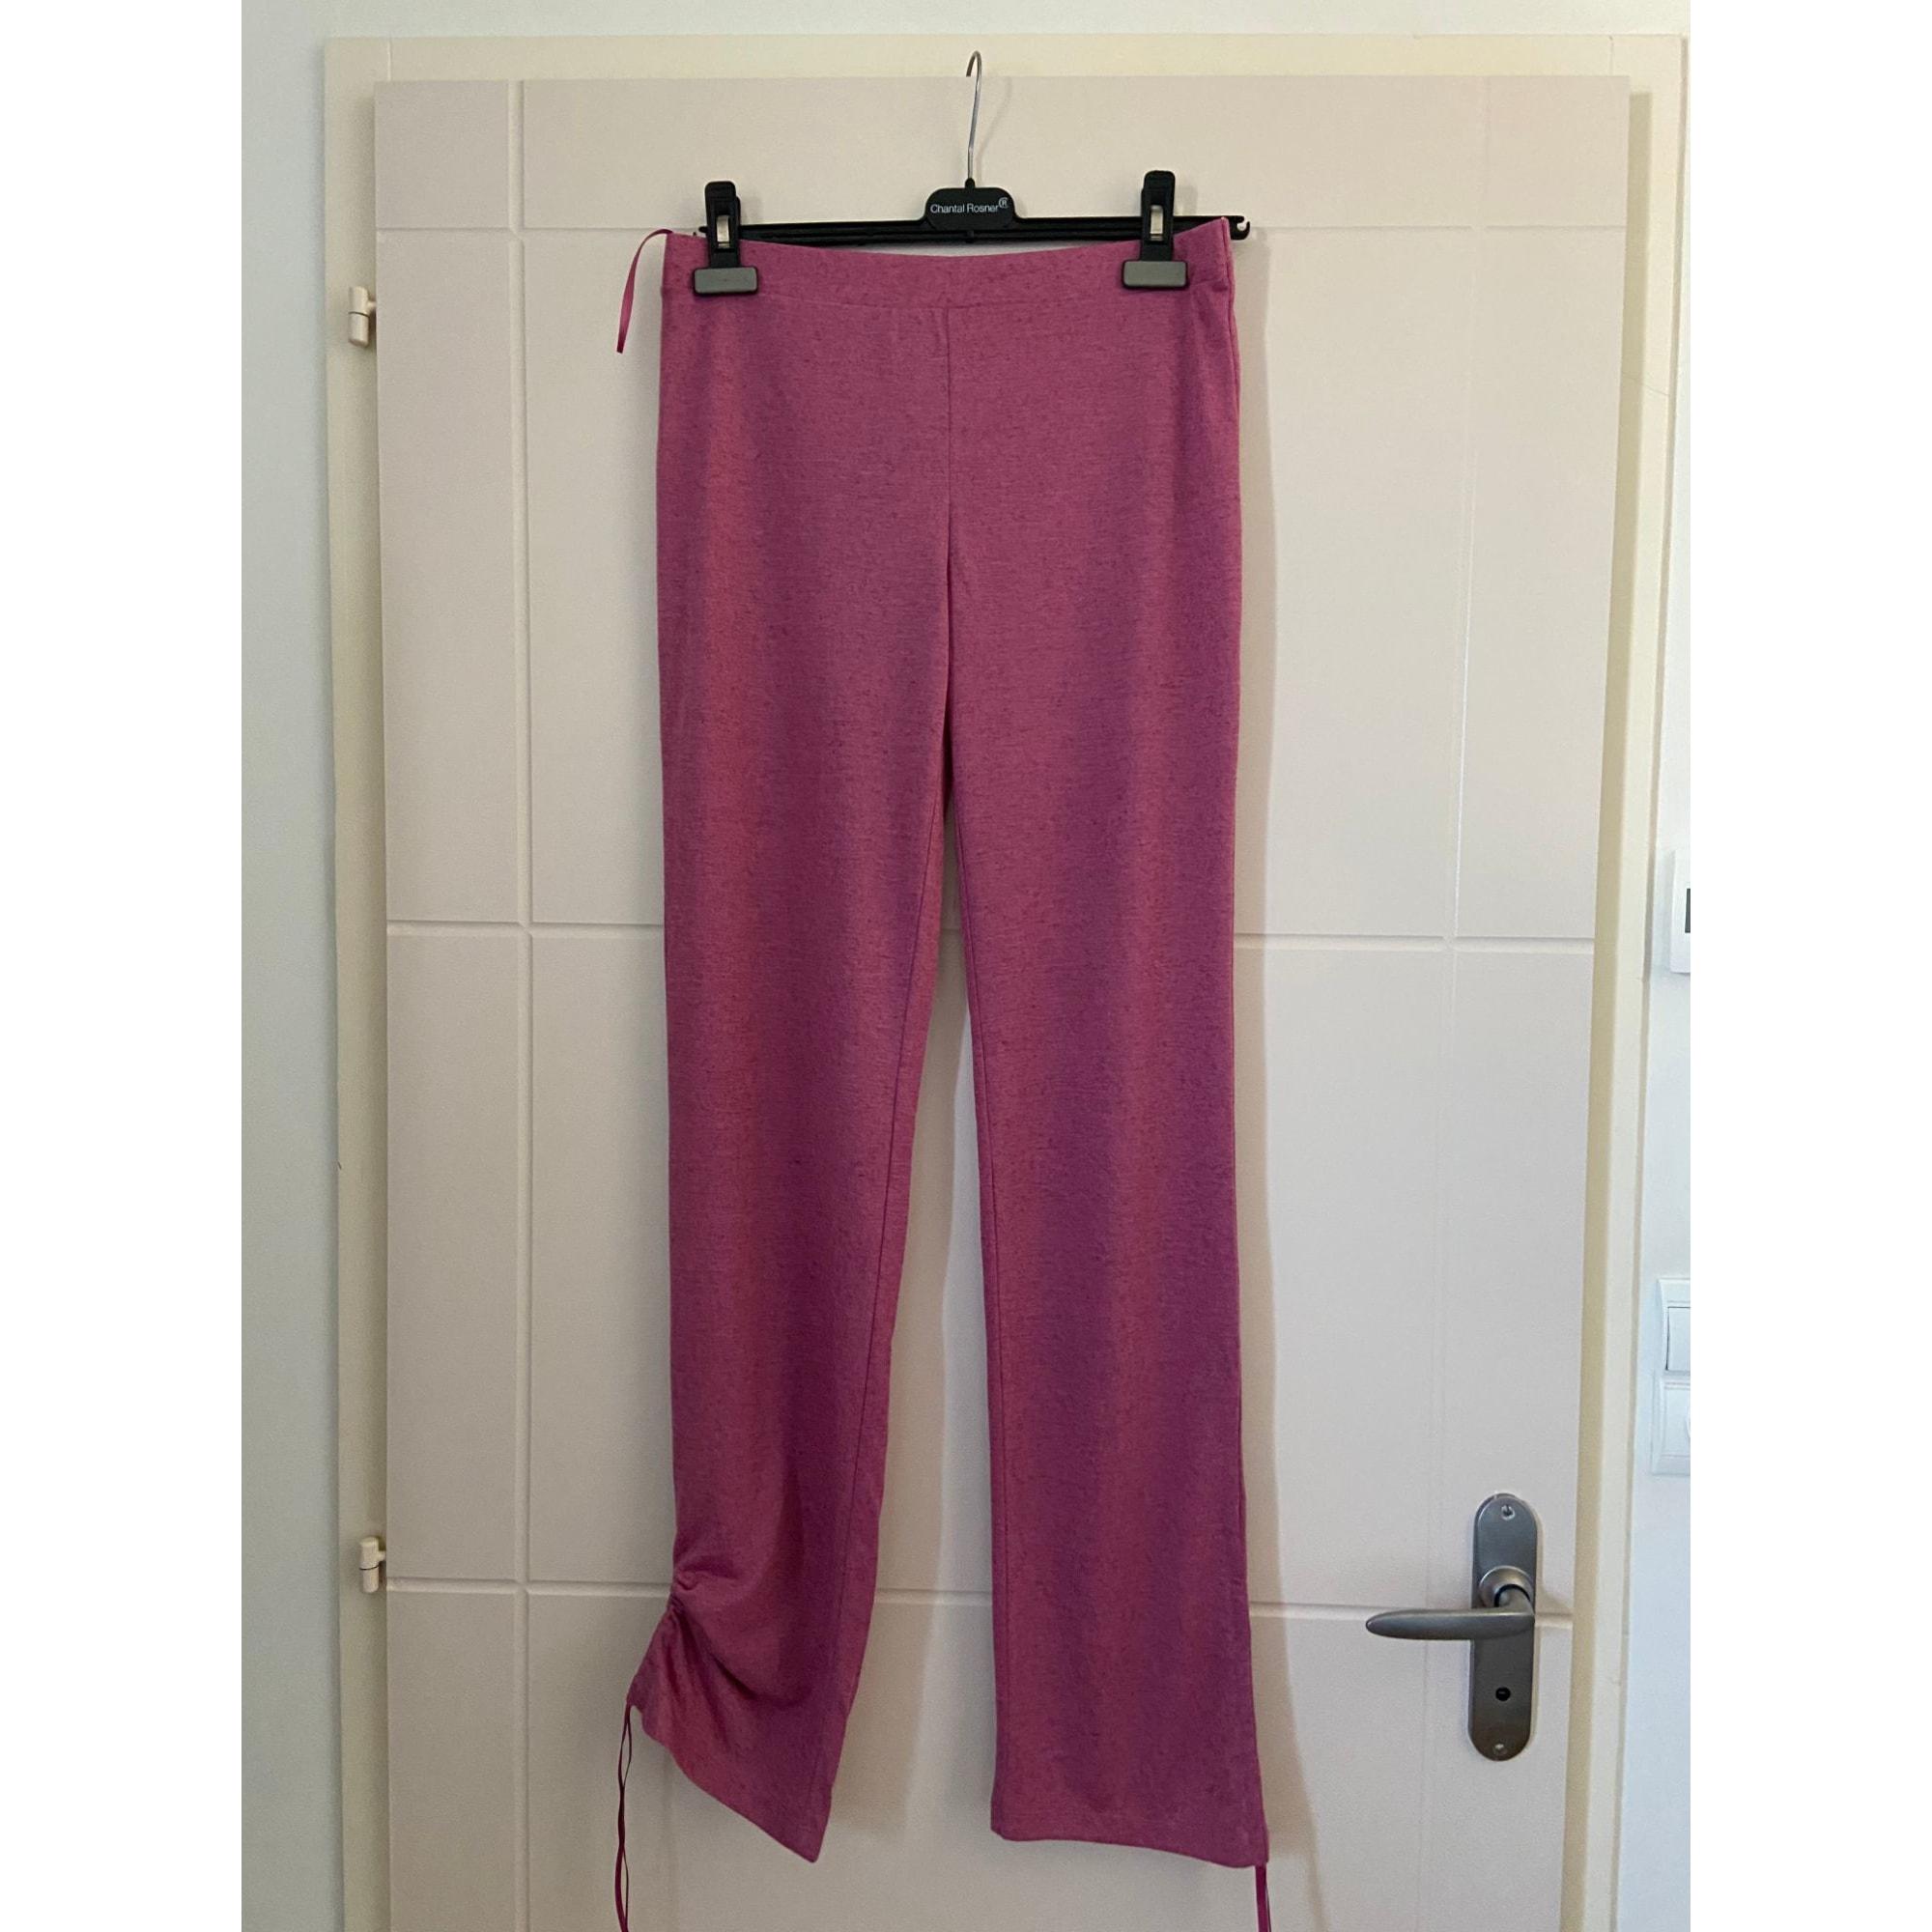 Pantalon de fitness LINGADORE Rose, fuschia, vieux rose